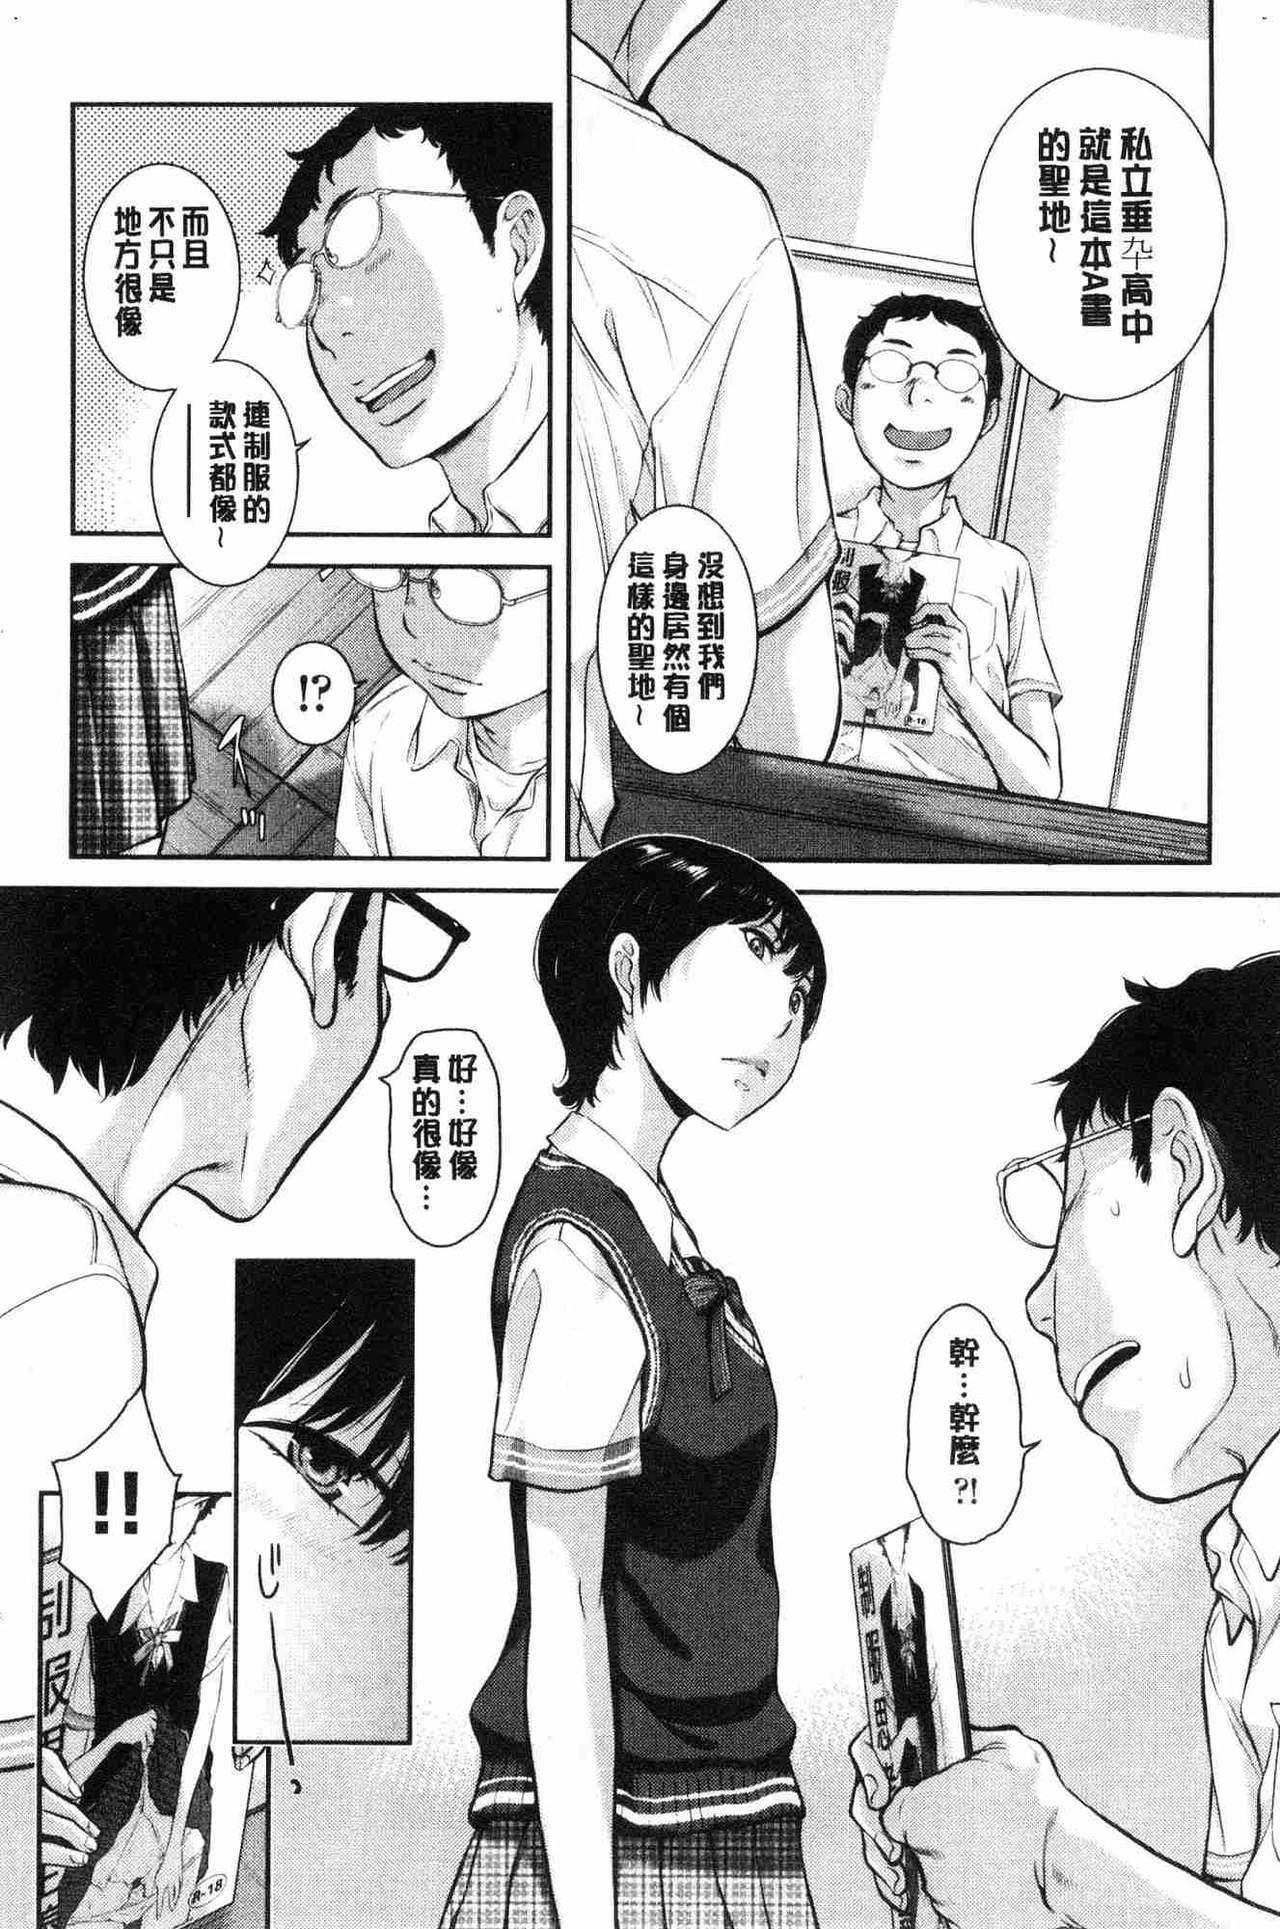 [Harazaki Takuma] Seifuku Shijou Shugi -Natsu- - Uniforms supremacy [Chinese] 158